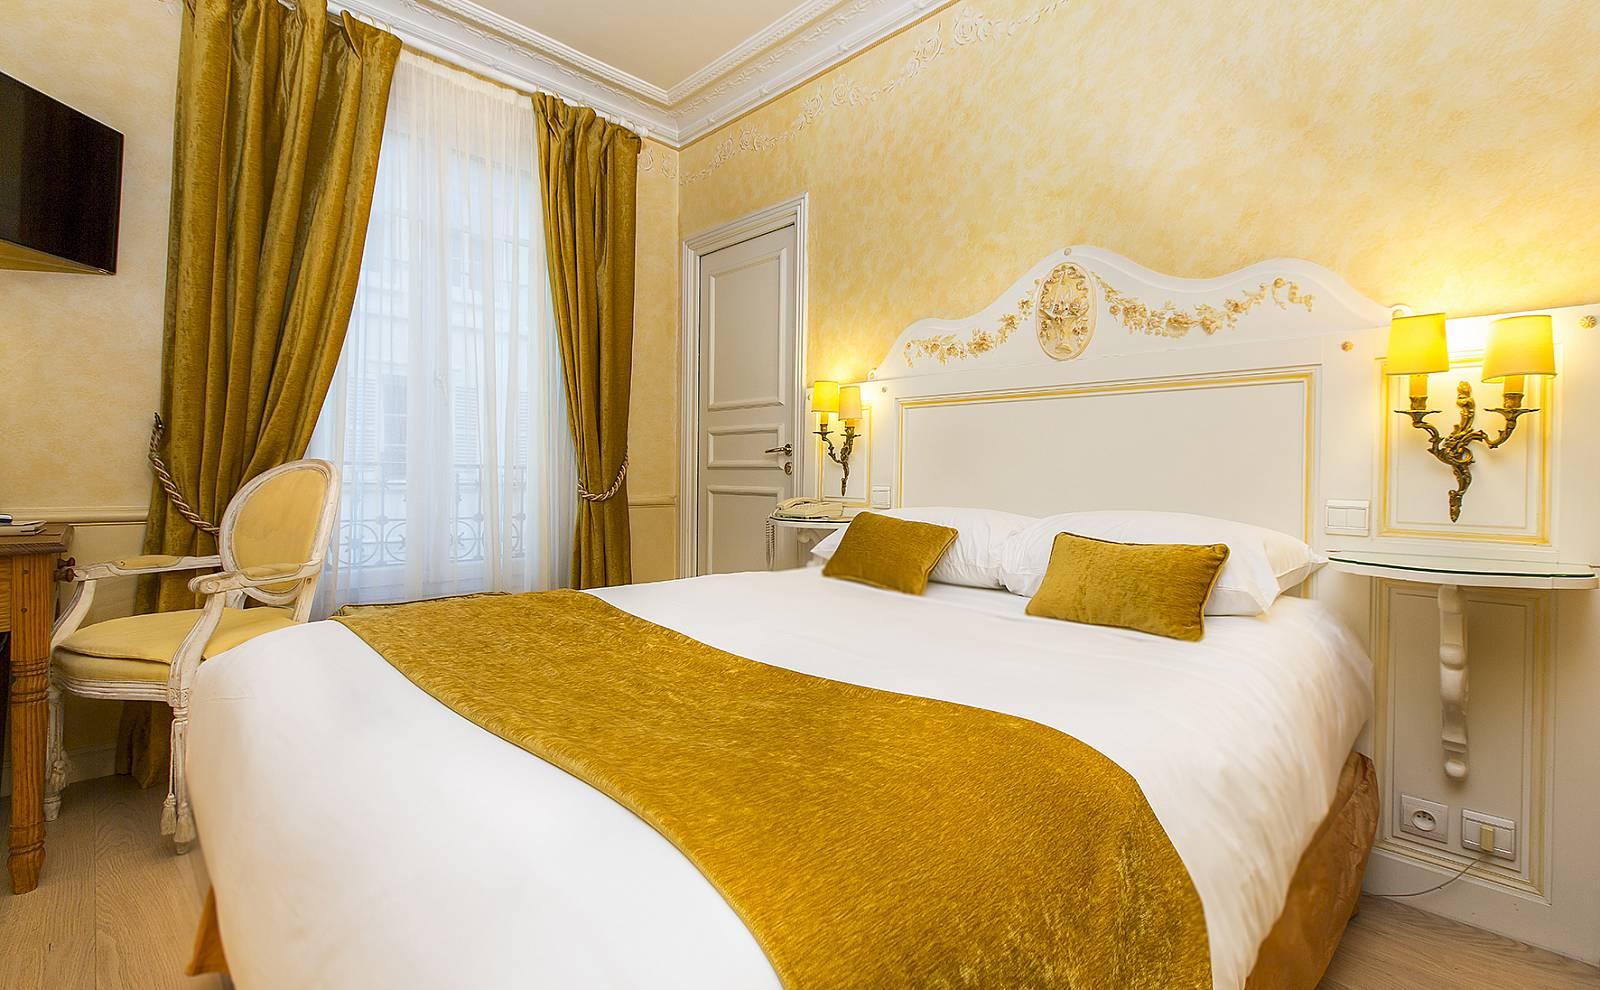 โรงแรม ปารีส Hotel Gavarni Paris